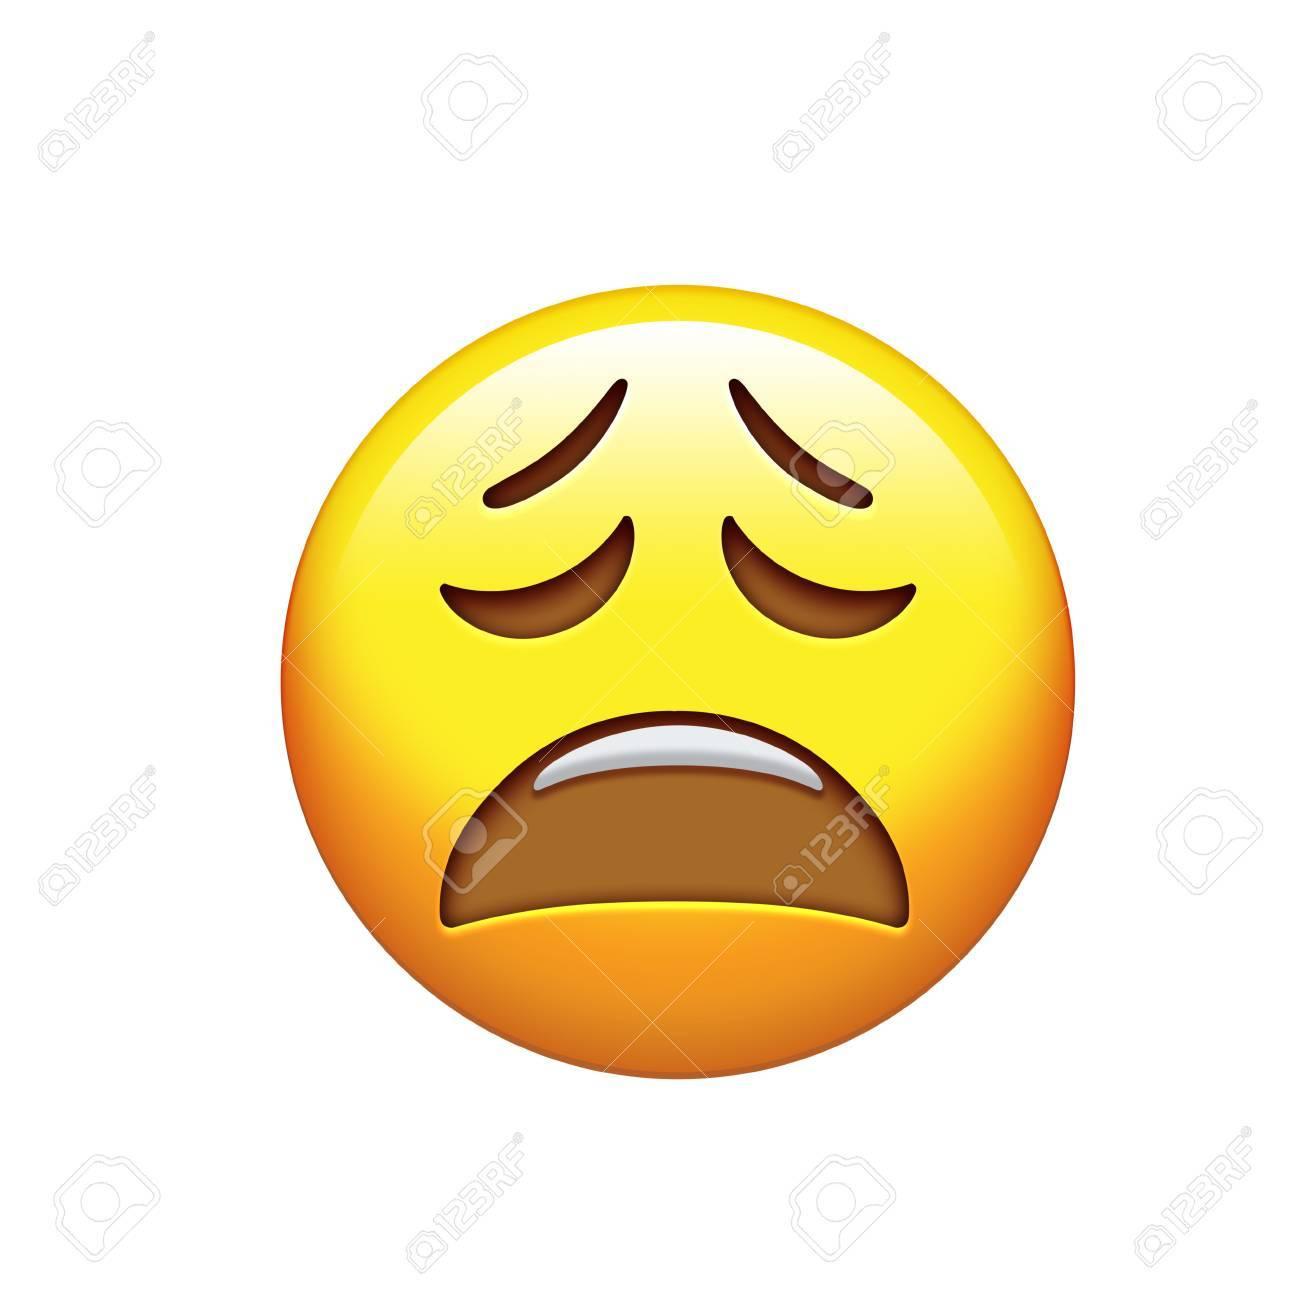 Traurige emojis